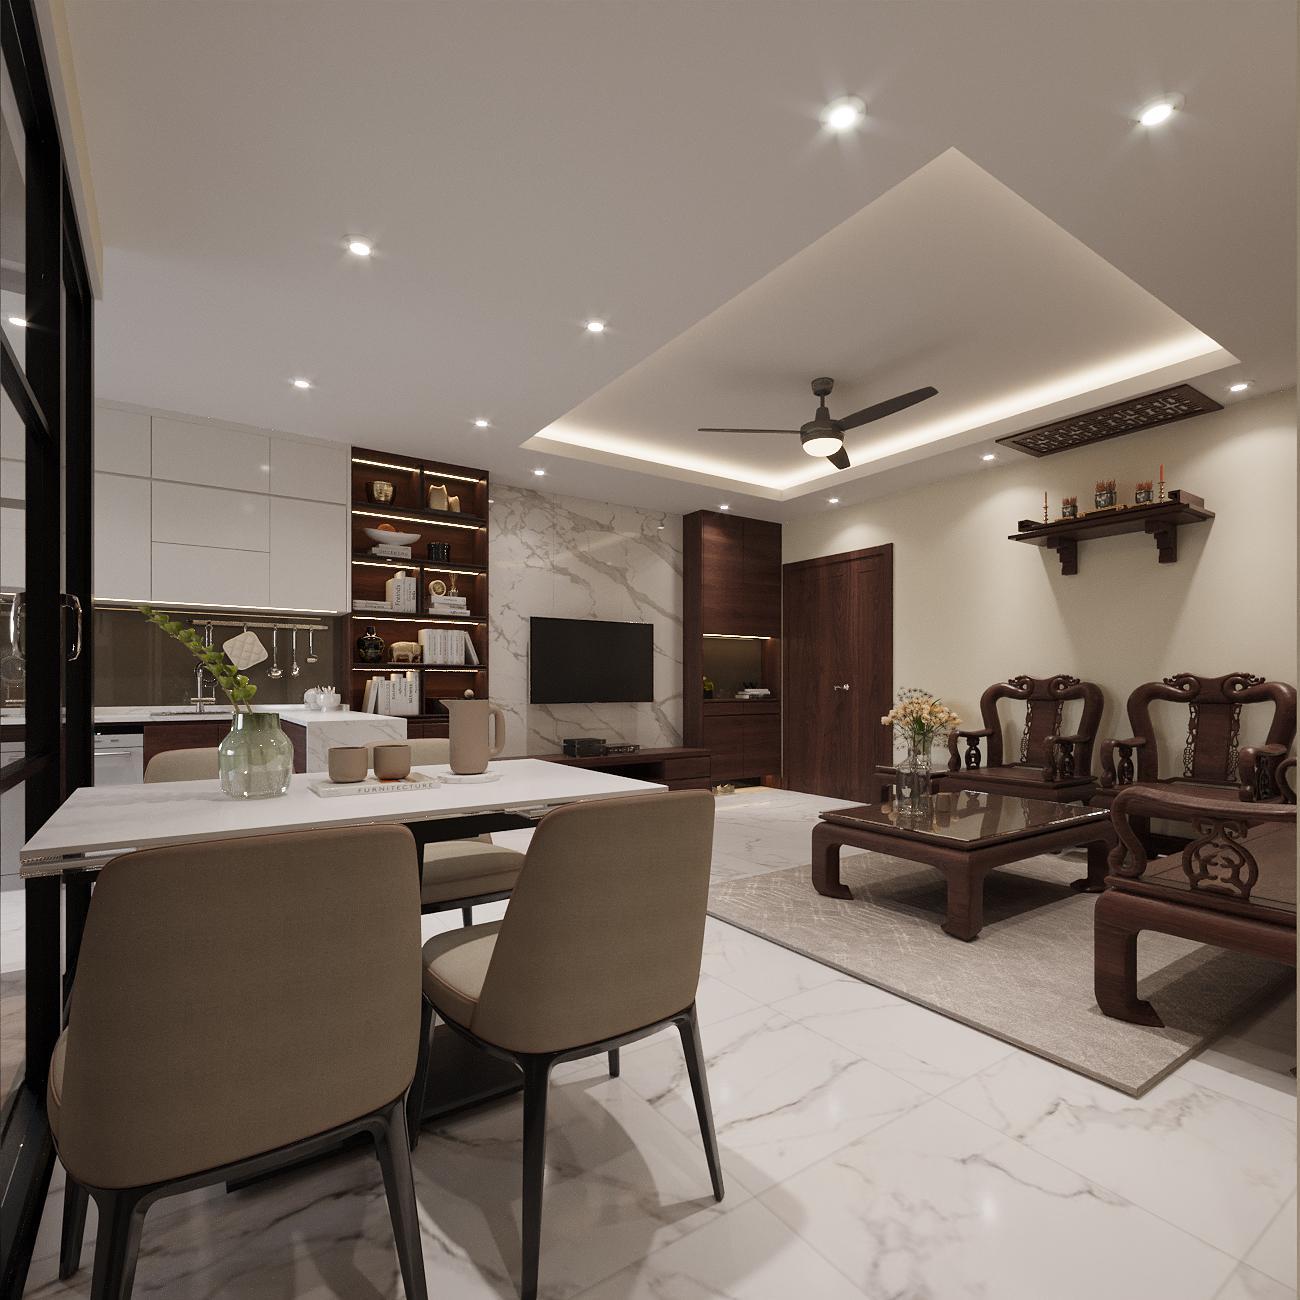 Thiết kế và thi công nội thất anh Sinh, chung cư Pháp Vân, Hà Nội